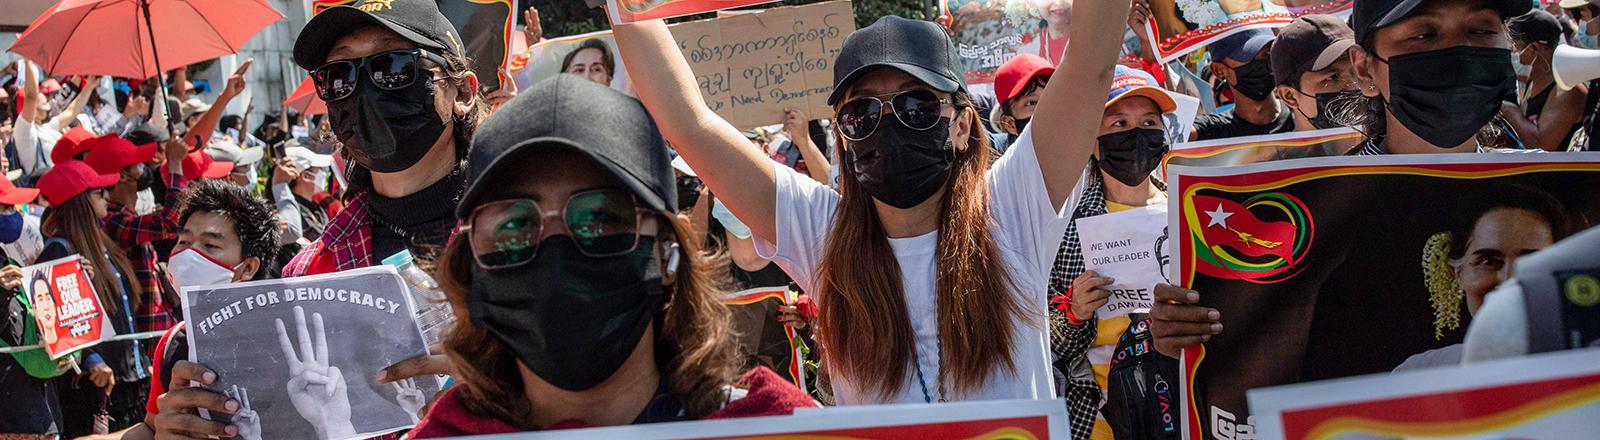 Bei Protesten in Yangon (Myanmar) halten Frauen Plakate mit dem Konterfei von Aung San Suu Kyi in die Luft. Sie ist nach einem Militärputsch in Haft (09.02.2021)